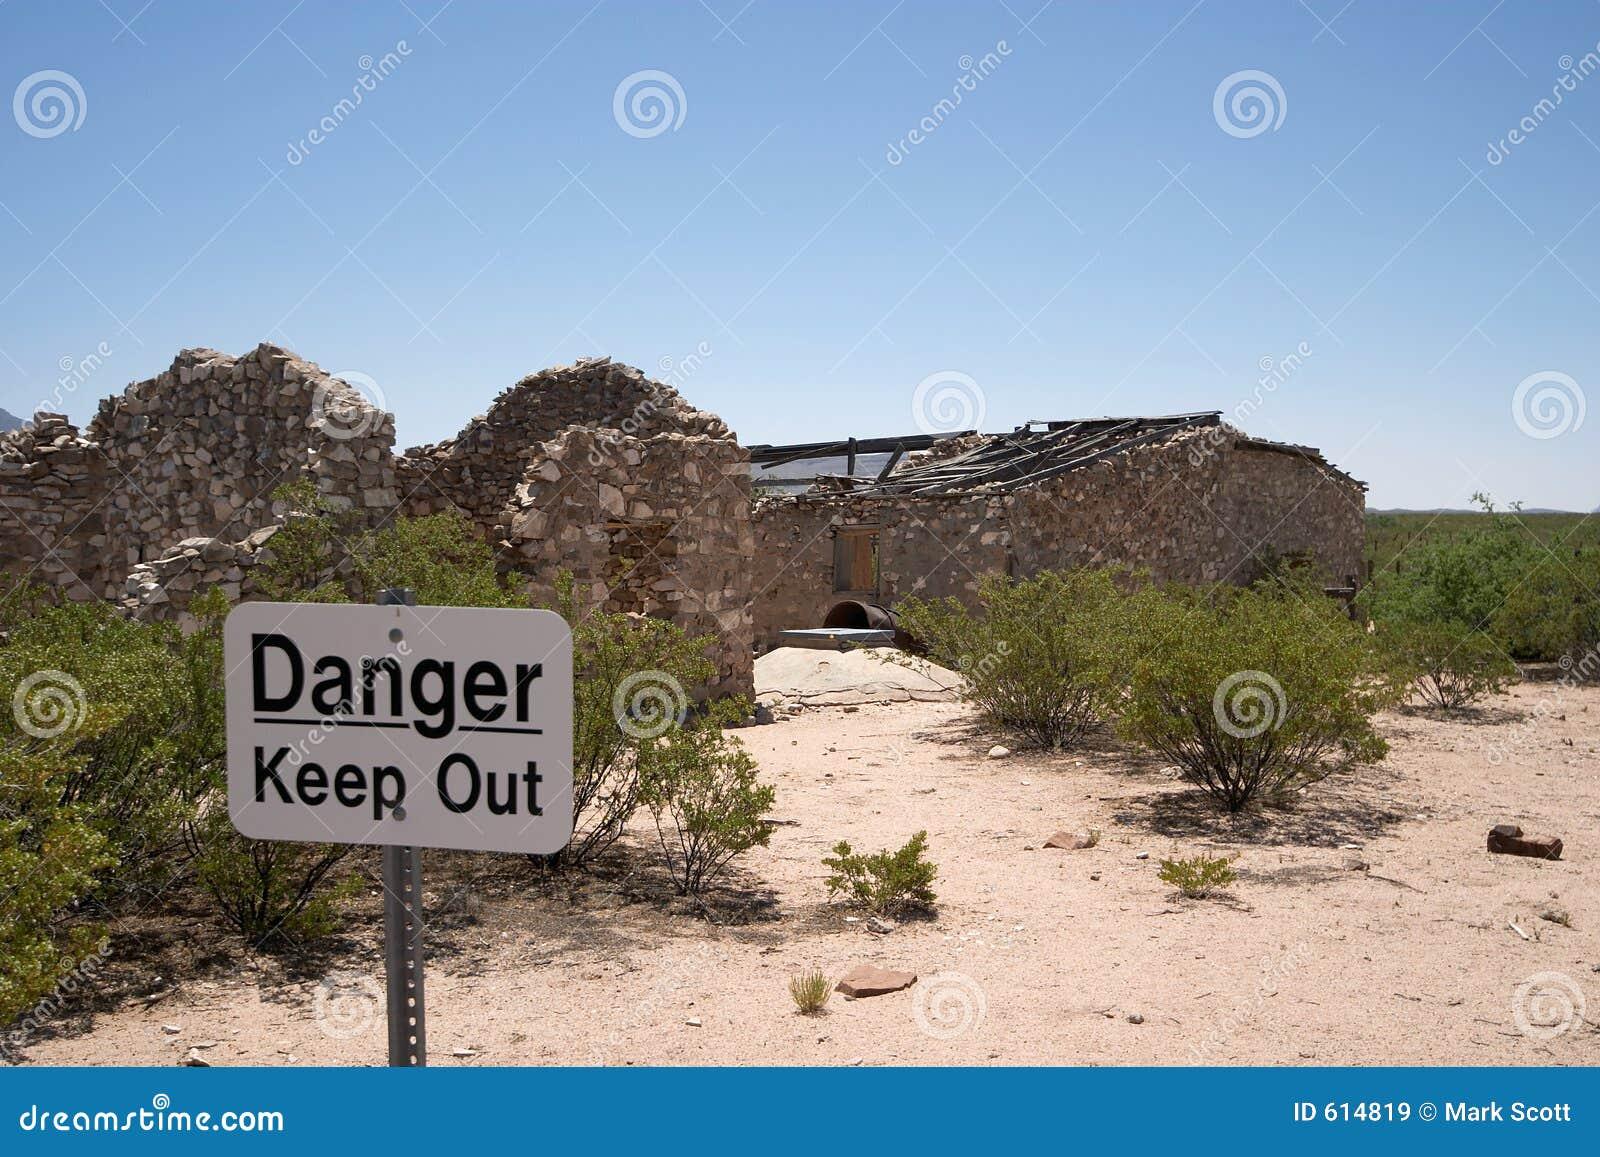 House mcdonald ranch ruins